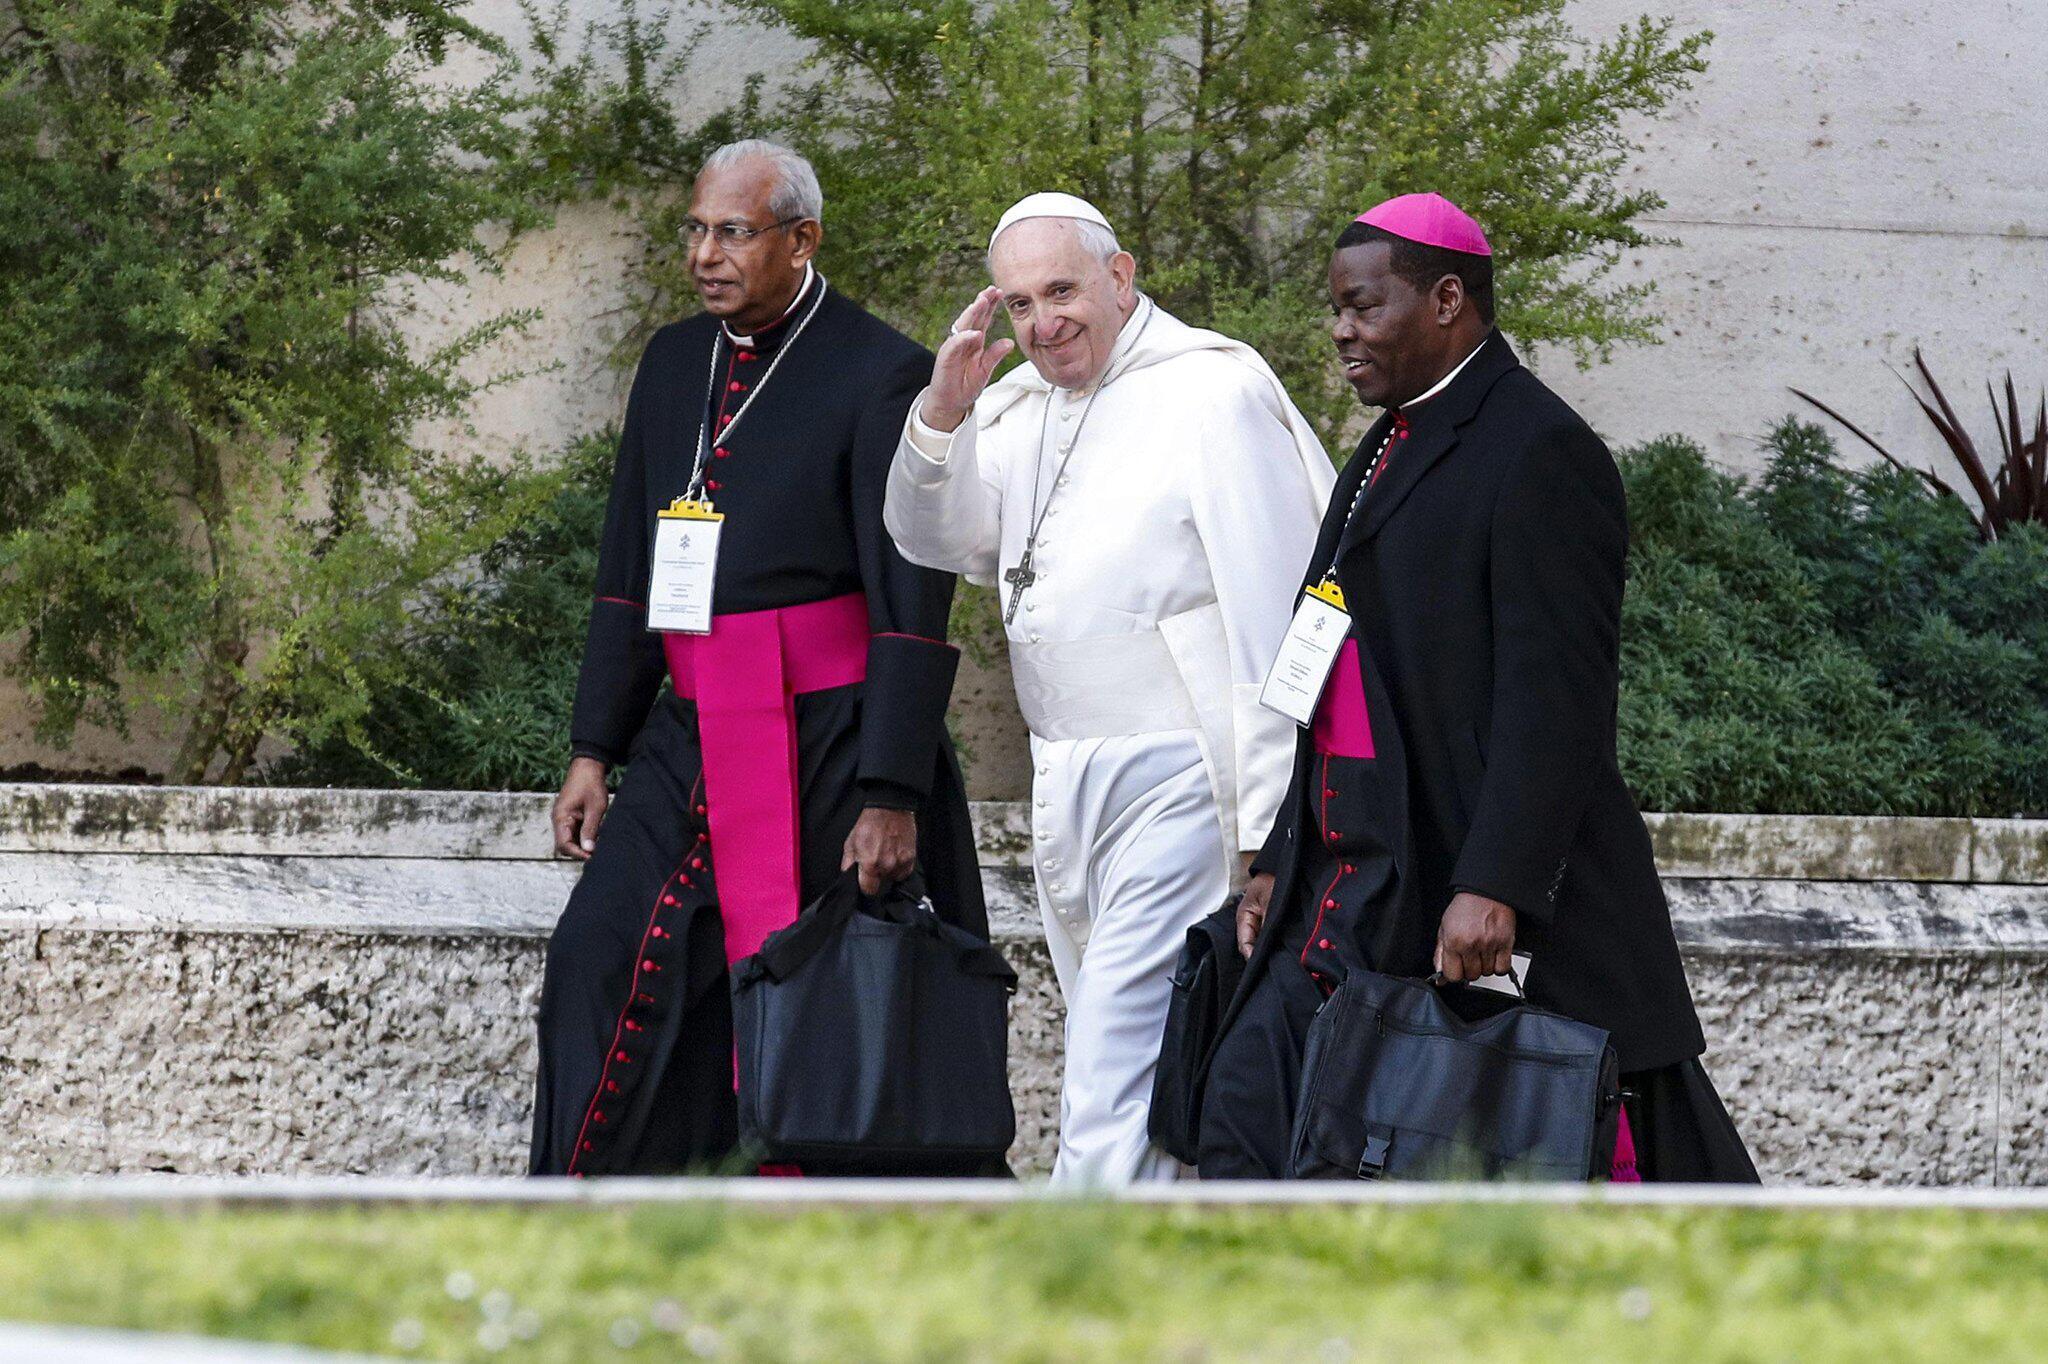 Bild zu Gipfeltreffen zum Thema Missbrauch mit Papst Franziskus